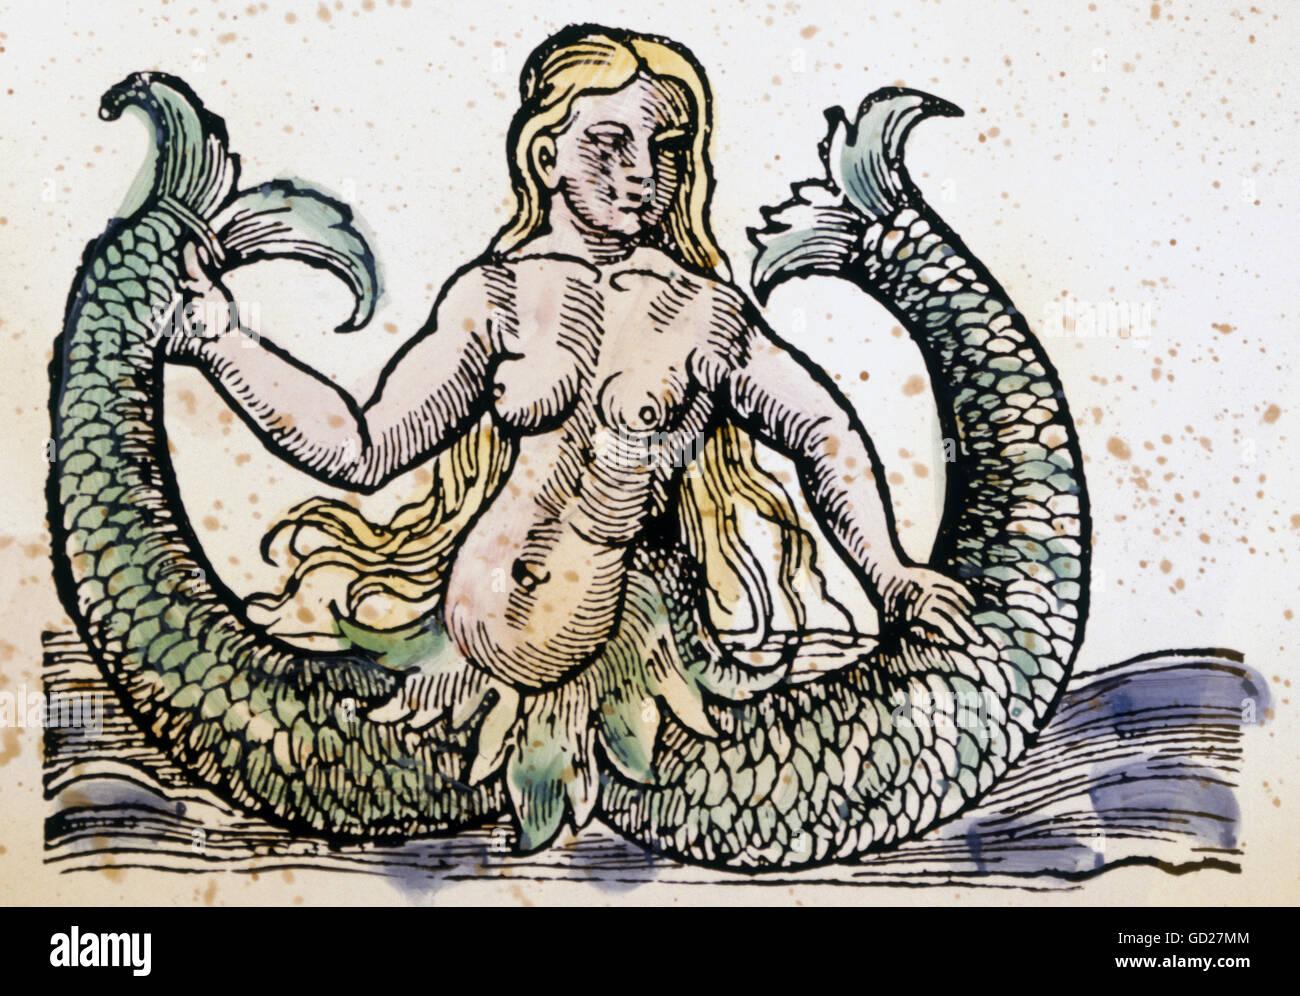 La superstition, créatures mythologiques, double fishtailed Mélusine, gravure sur bois en couleur, l'Allemagne, Banque D'Images